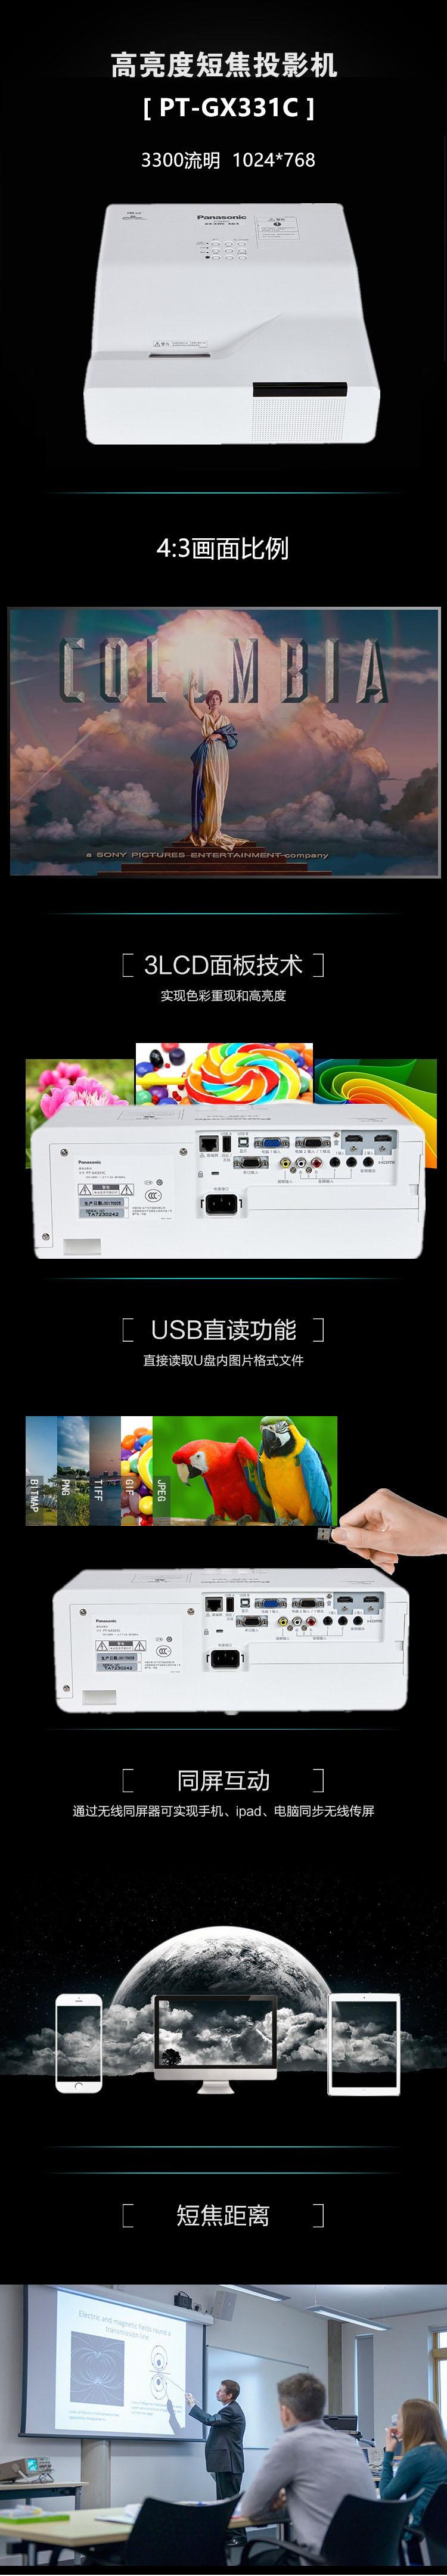 松下(Panasonic)PT-GX331C 投影机 超短焦 办公 培训投影仪 官方标配【价格、品牌.jpg